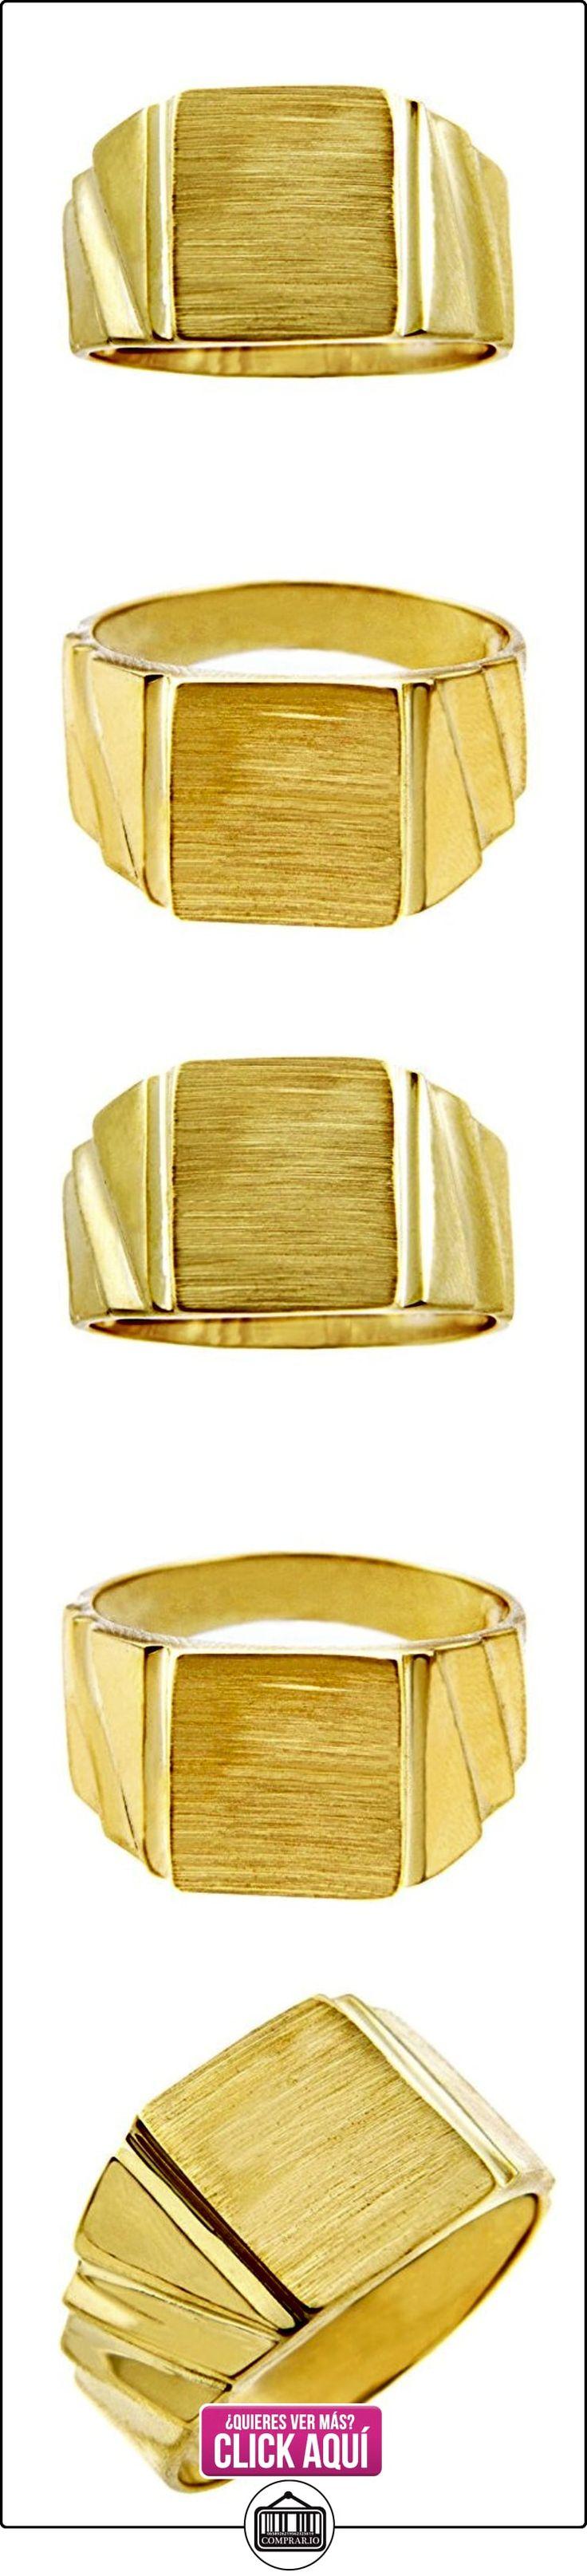 Pequeños Tesoros - Anillos Hombres Alianza De Boda 10 Kt Oro 471/1000 Sortija De sello- Inolvidable  ✿ Joyas para hombres especiales - lujo ✿ ▬► Ver oferta: http://comprar.io/goto/B01277Y08Q